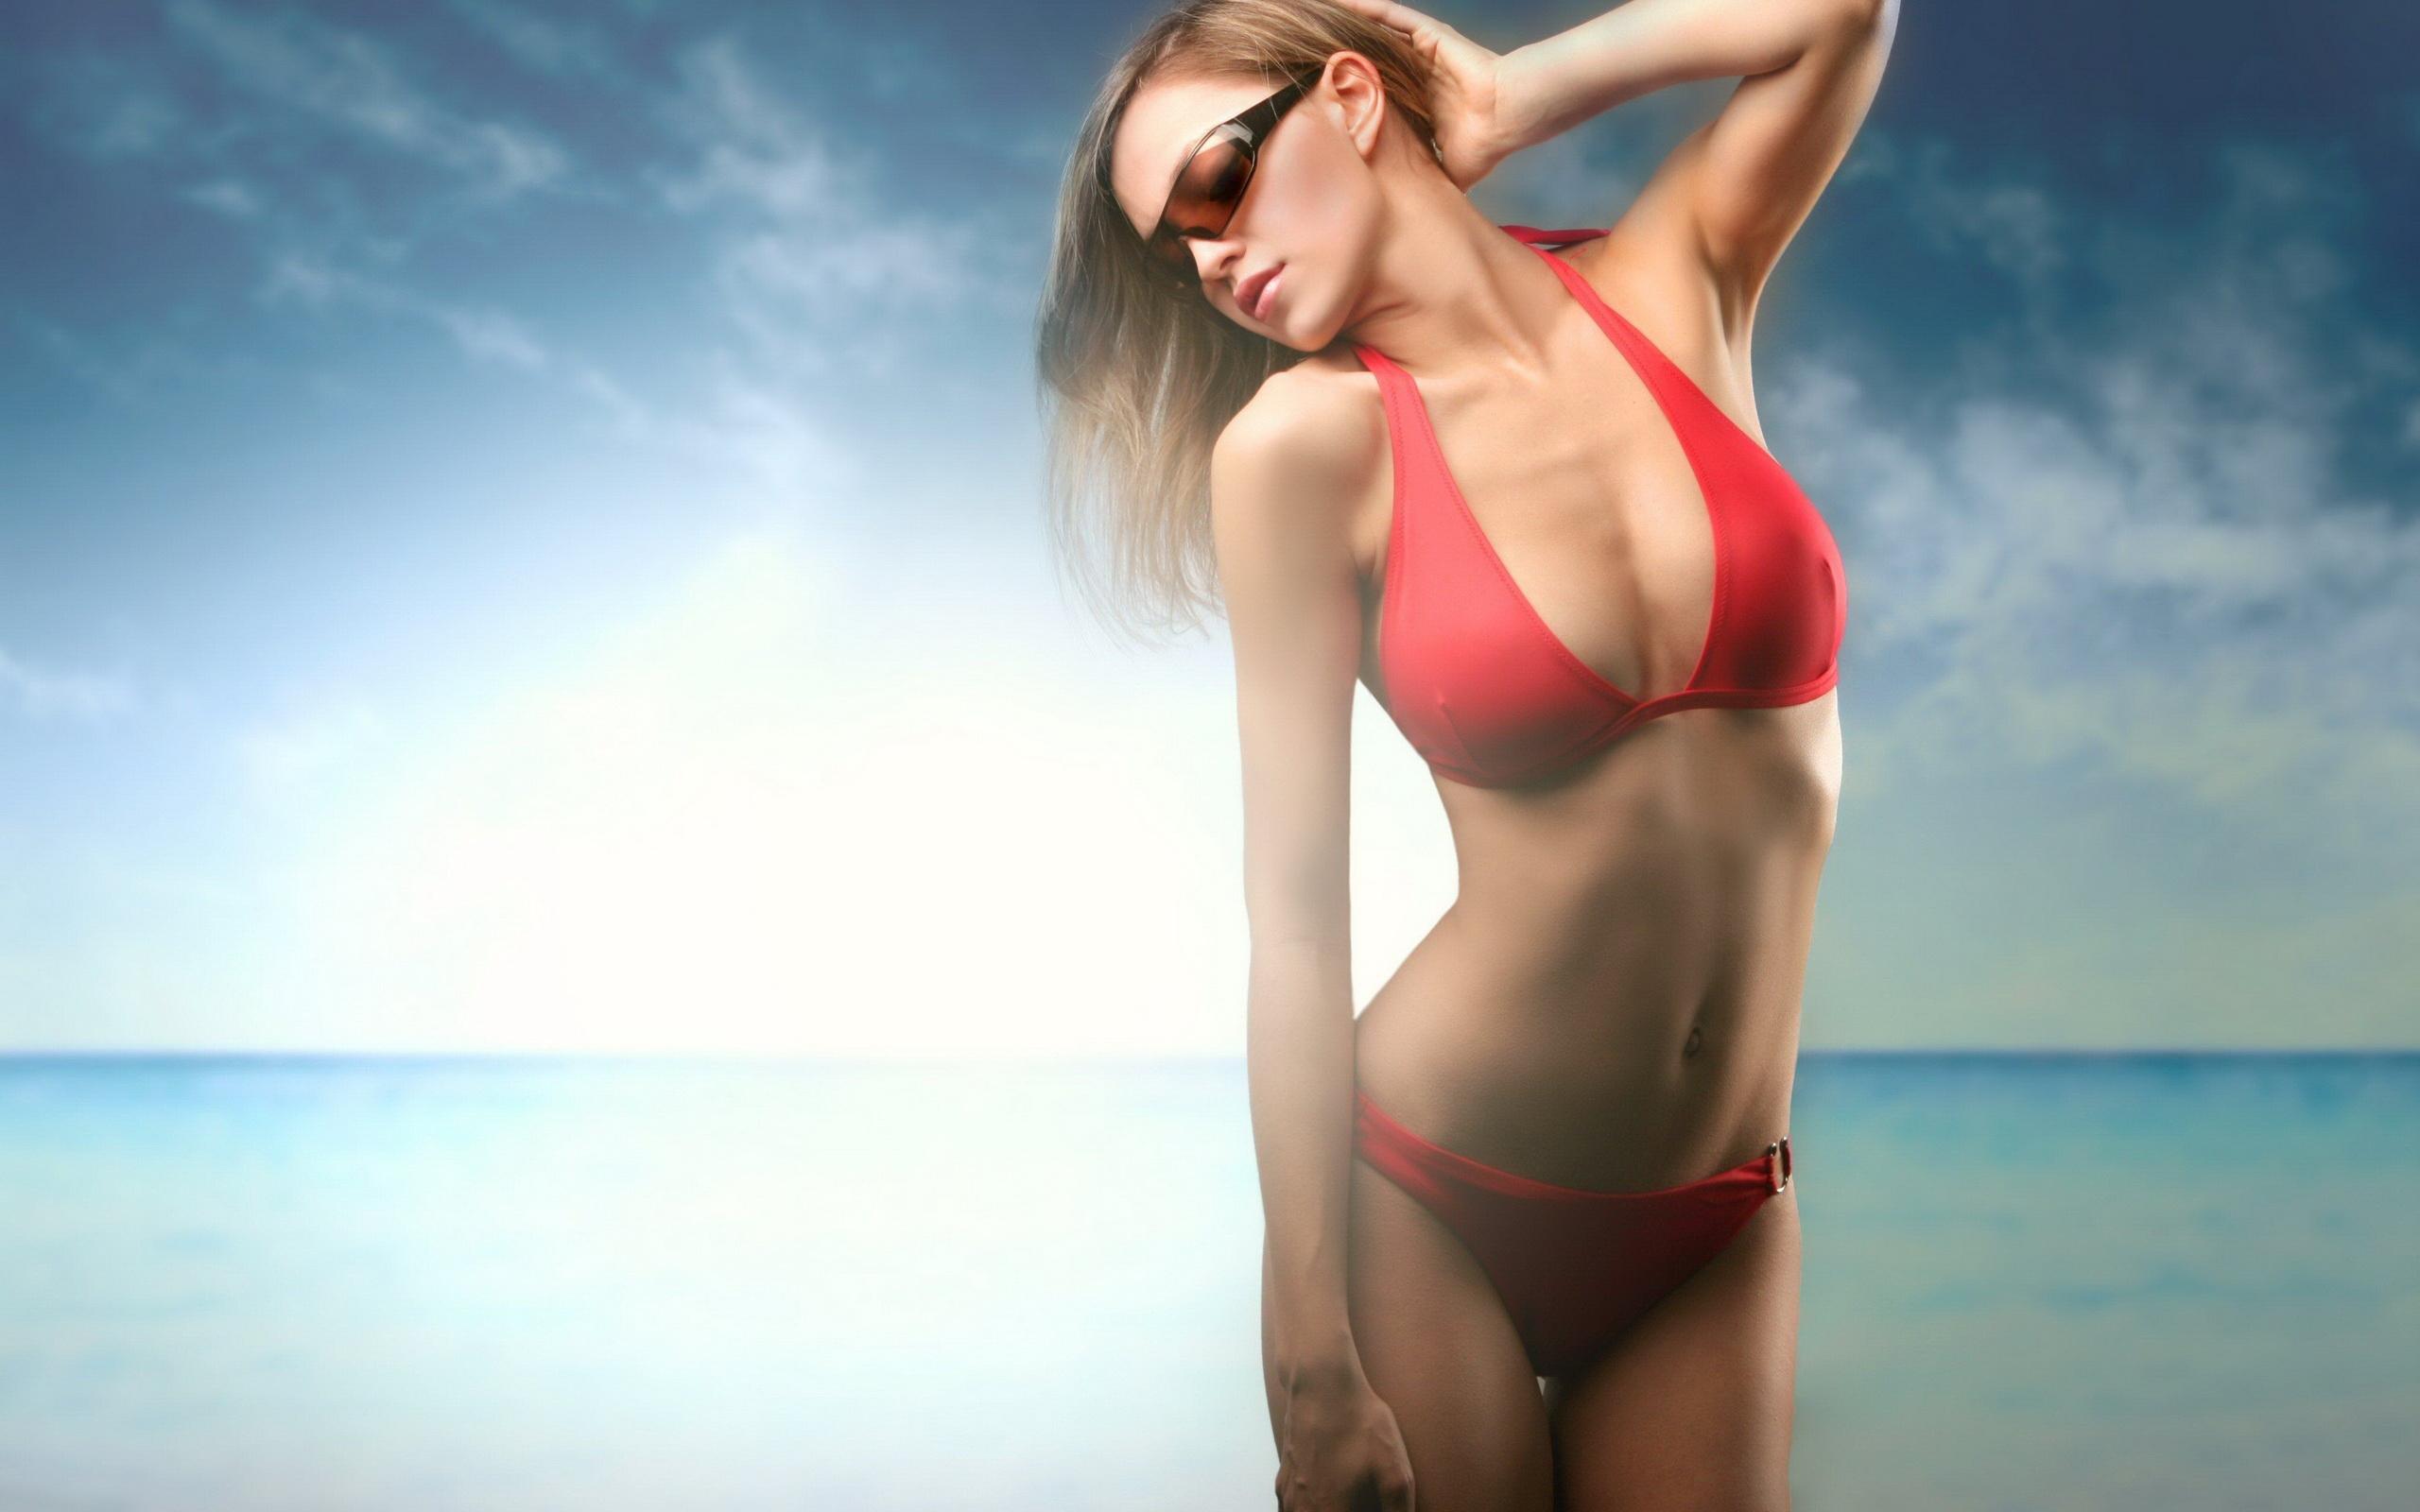 Рыжая девушка на пляже фото 25 фотография